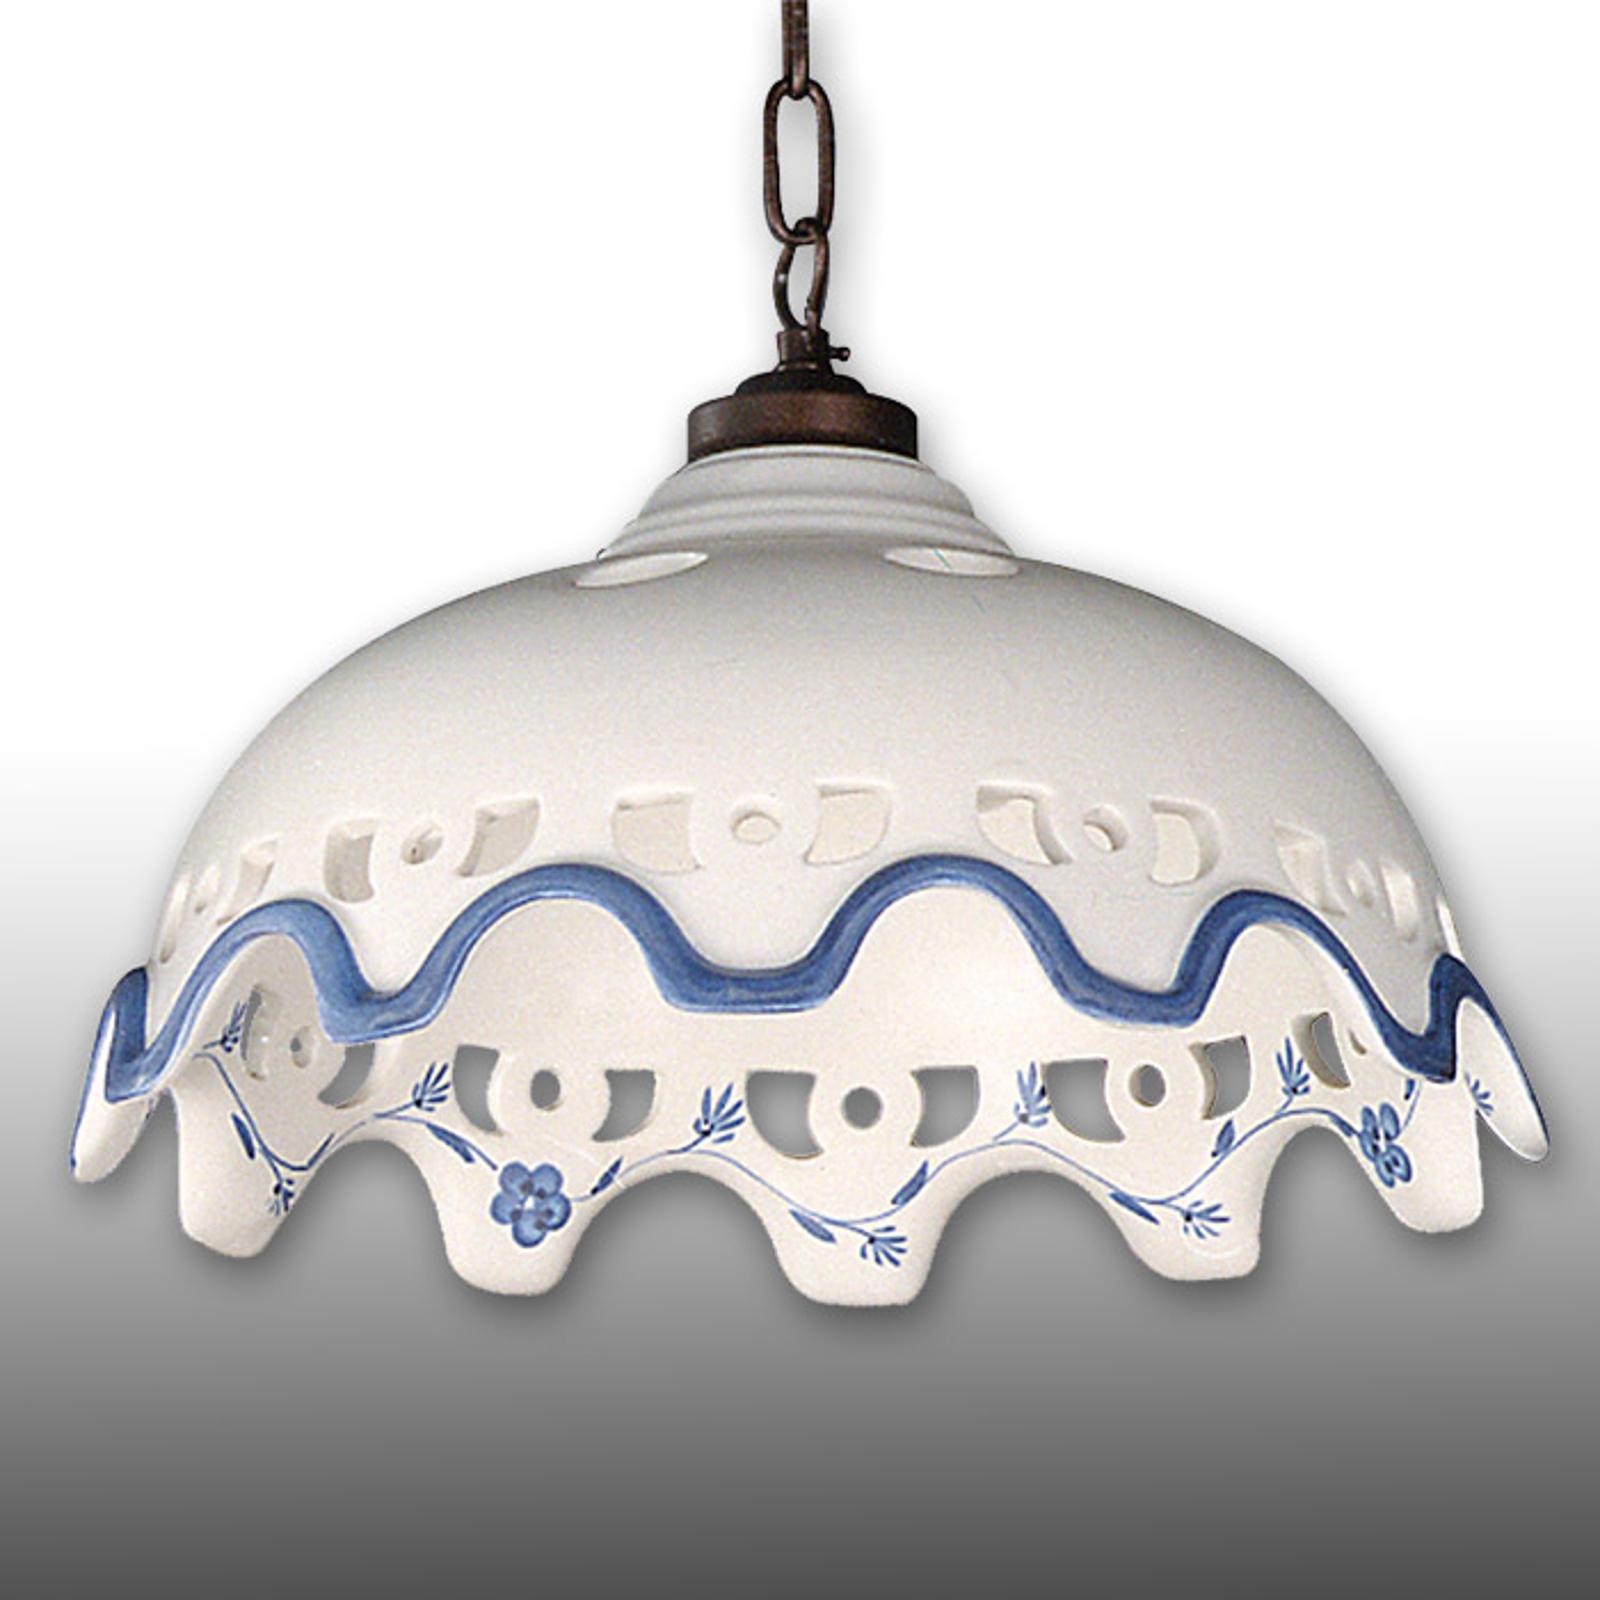 Keramieken hanglamp Chantal met kettingophanging